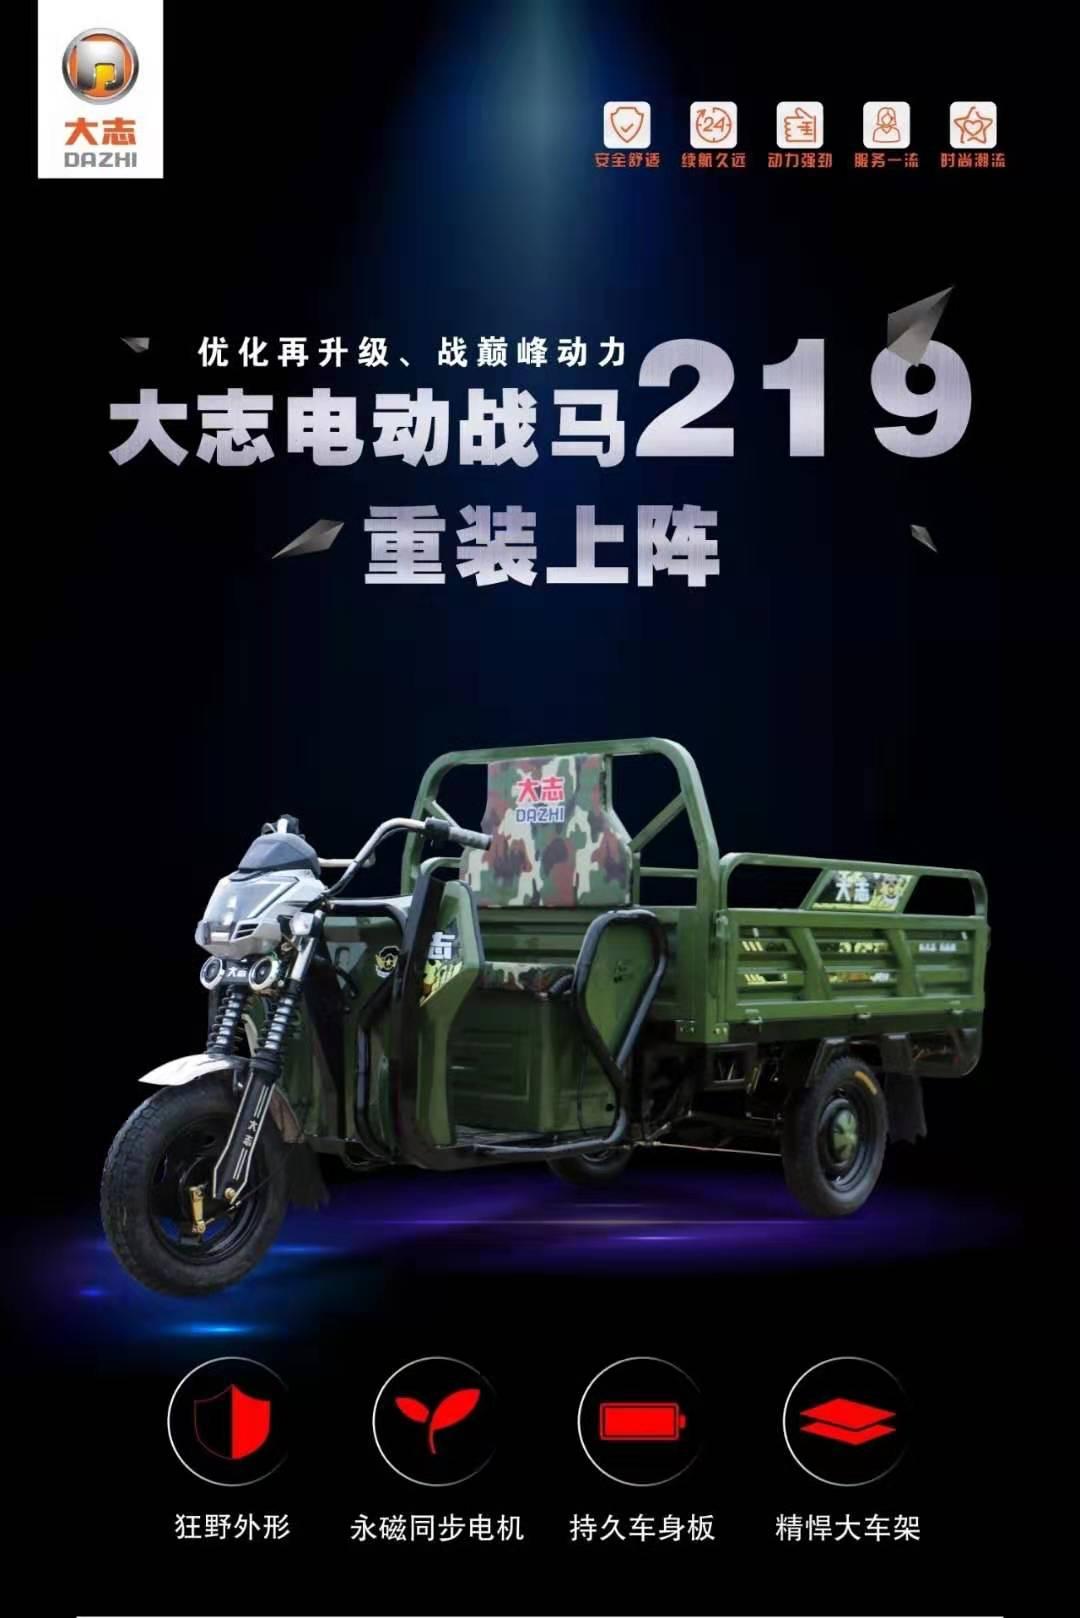 大志电动全新升级版战马219重装上阵